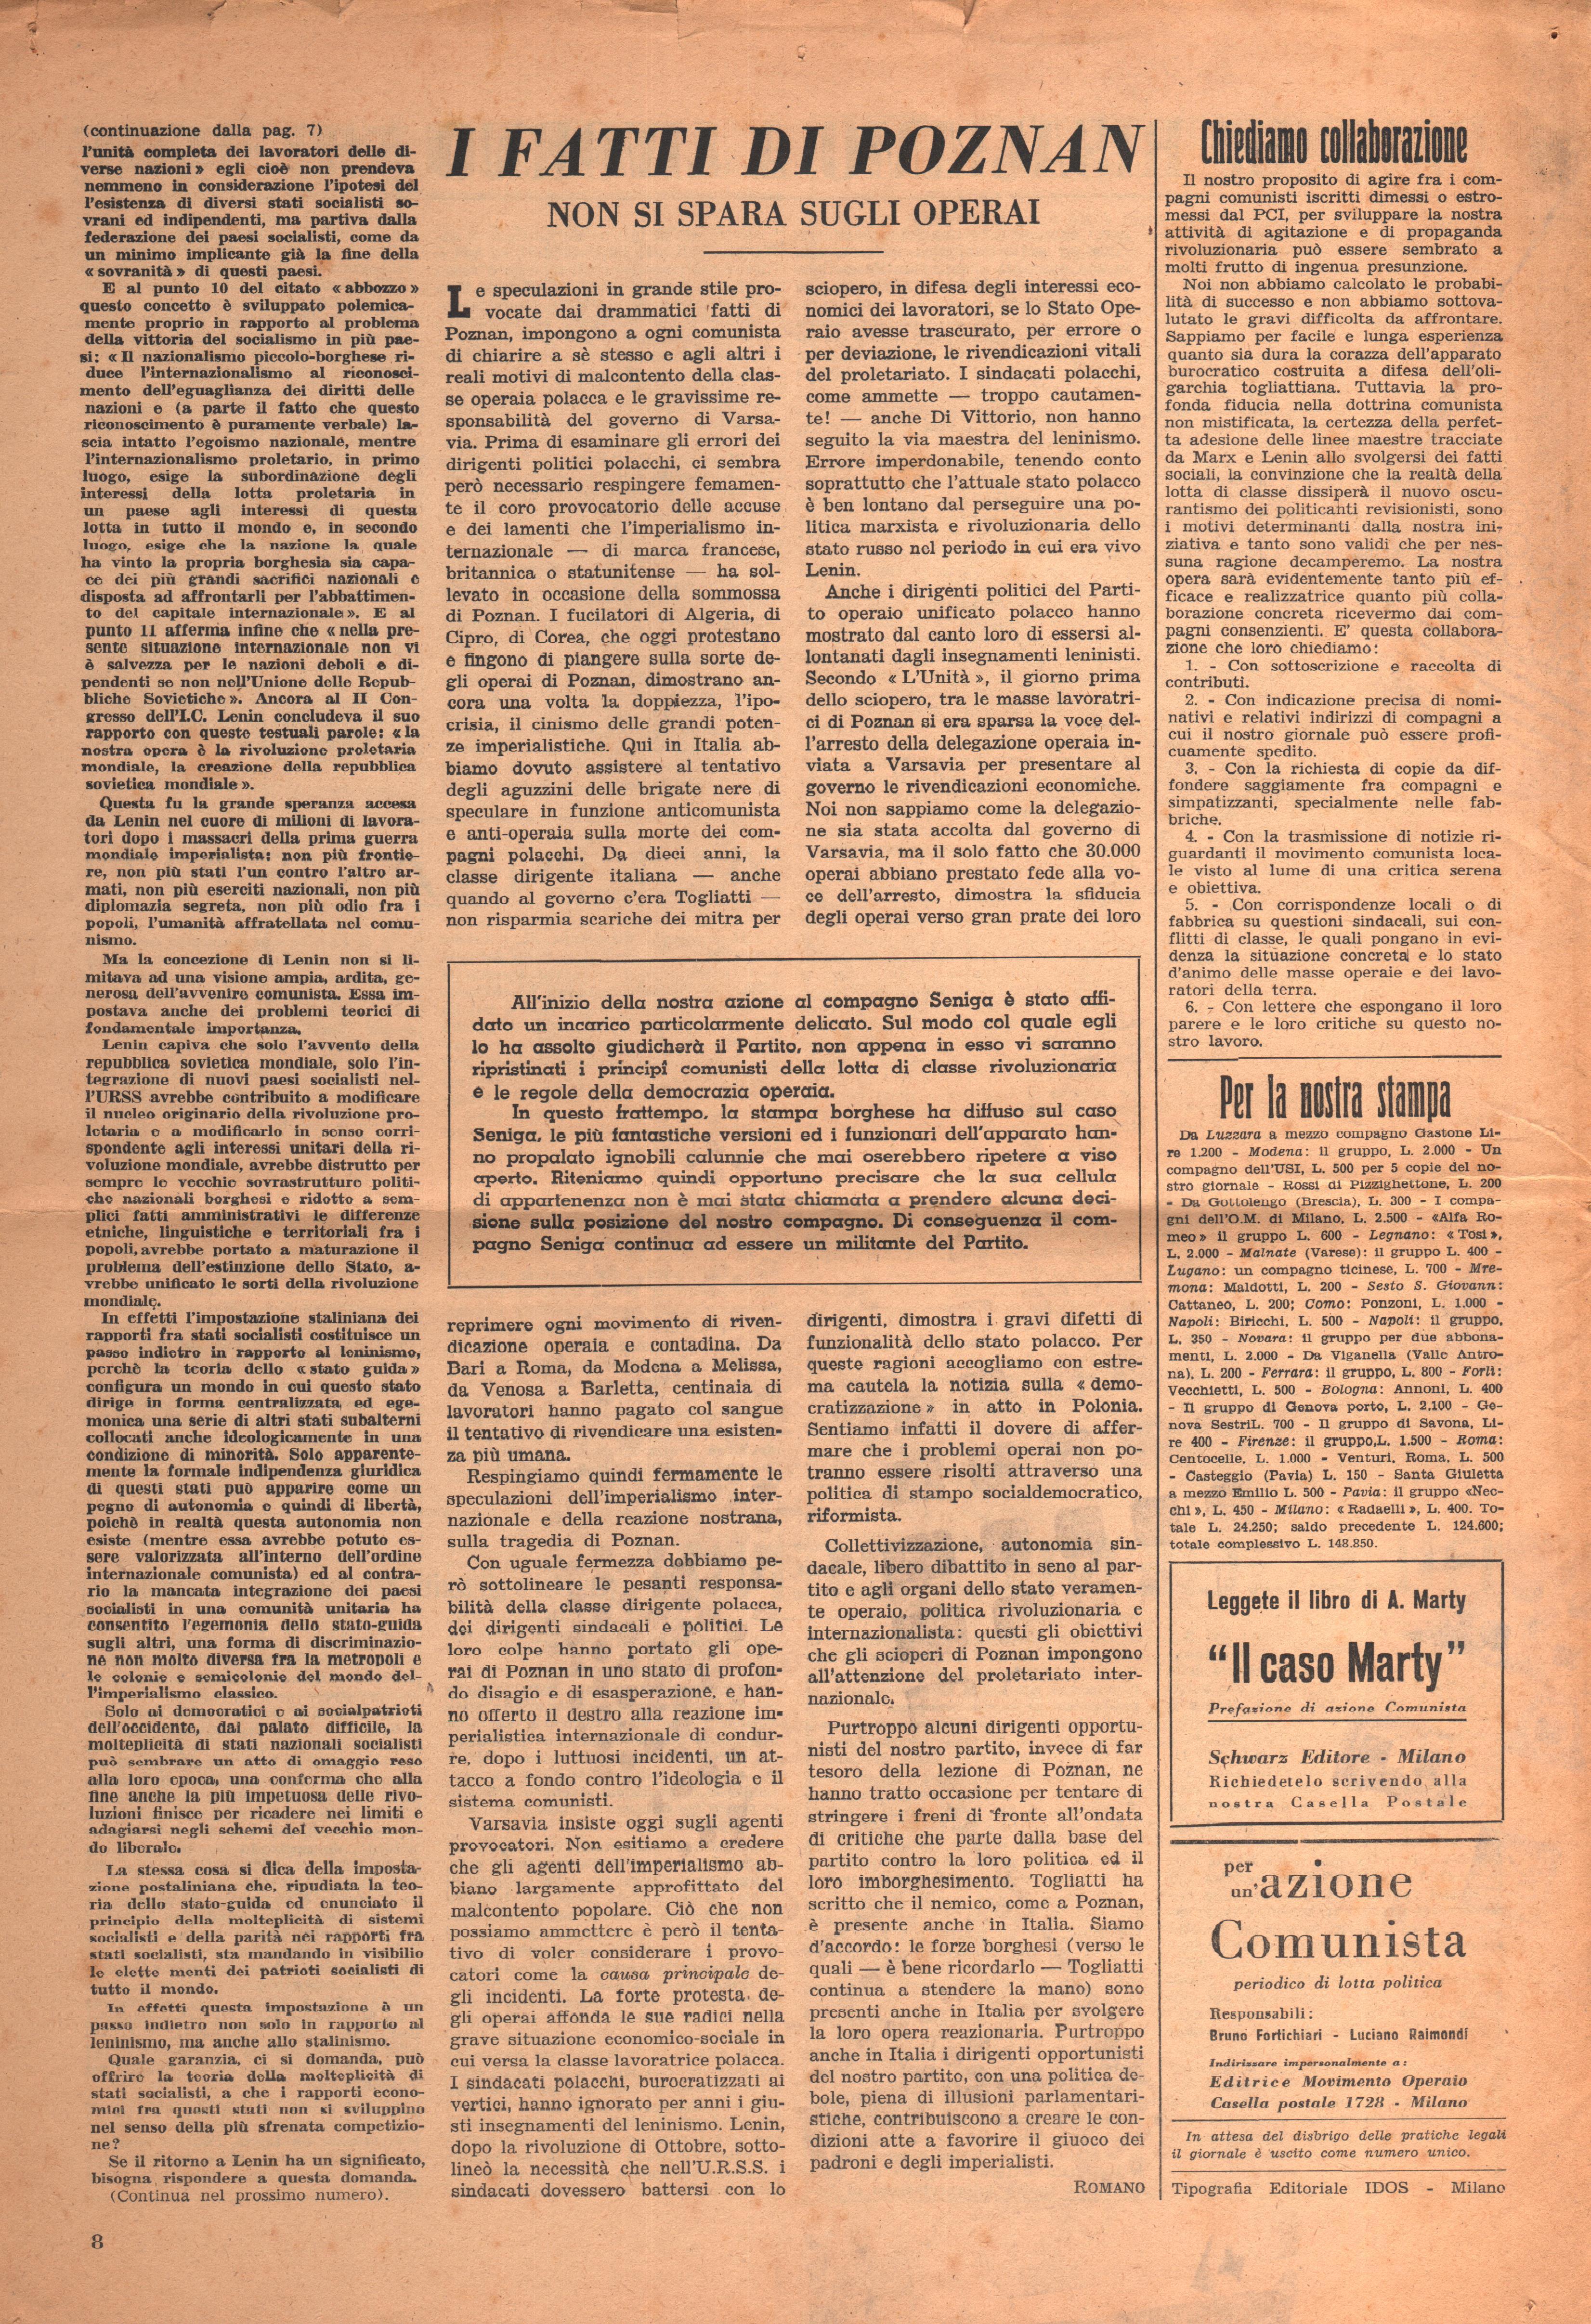 Per una Azione Comunista n. 2 - pag. 8